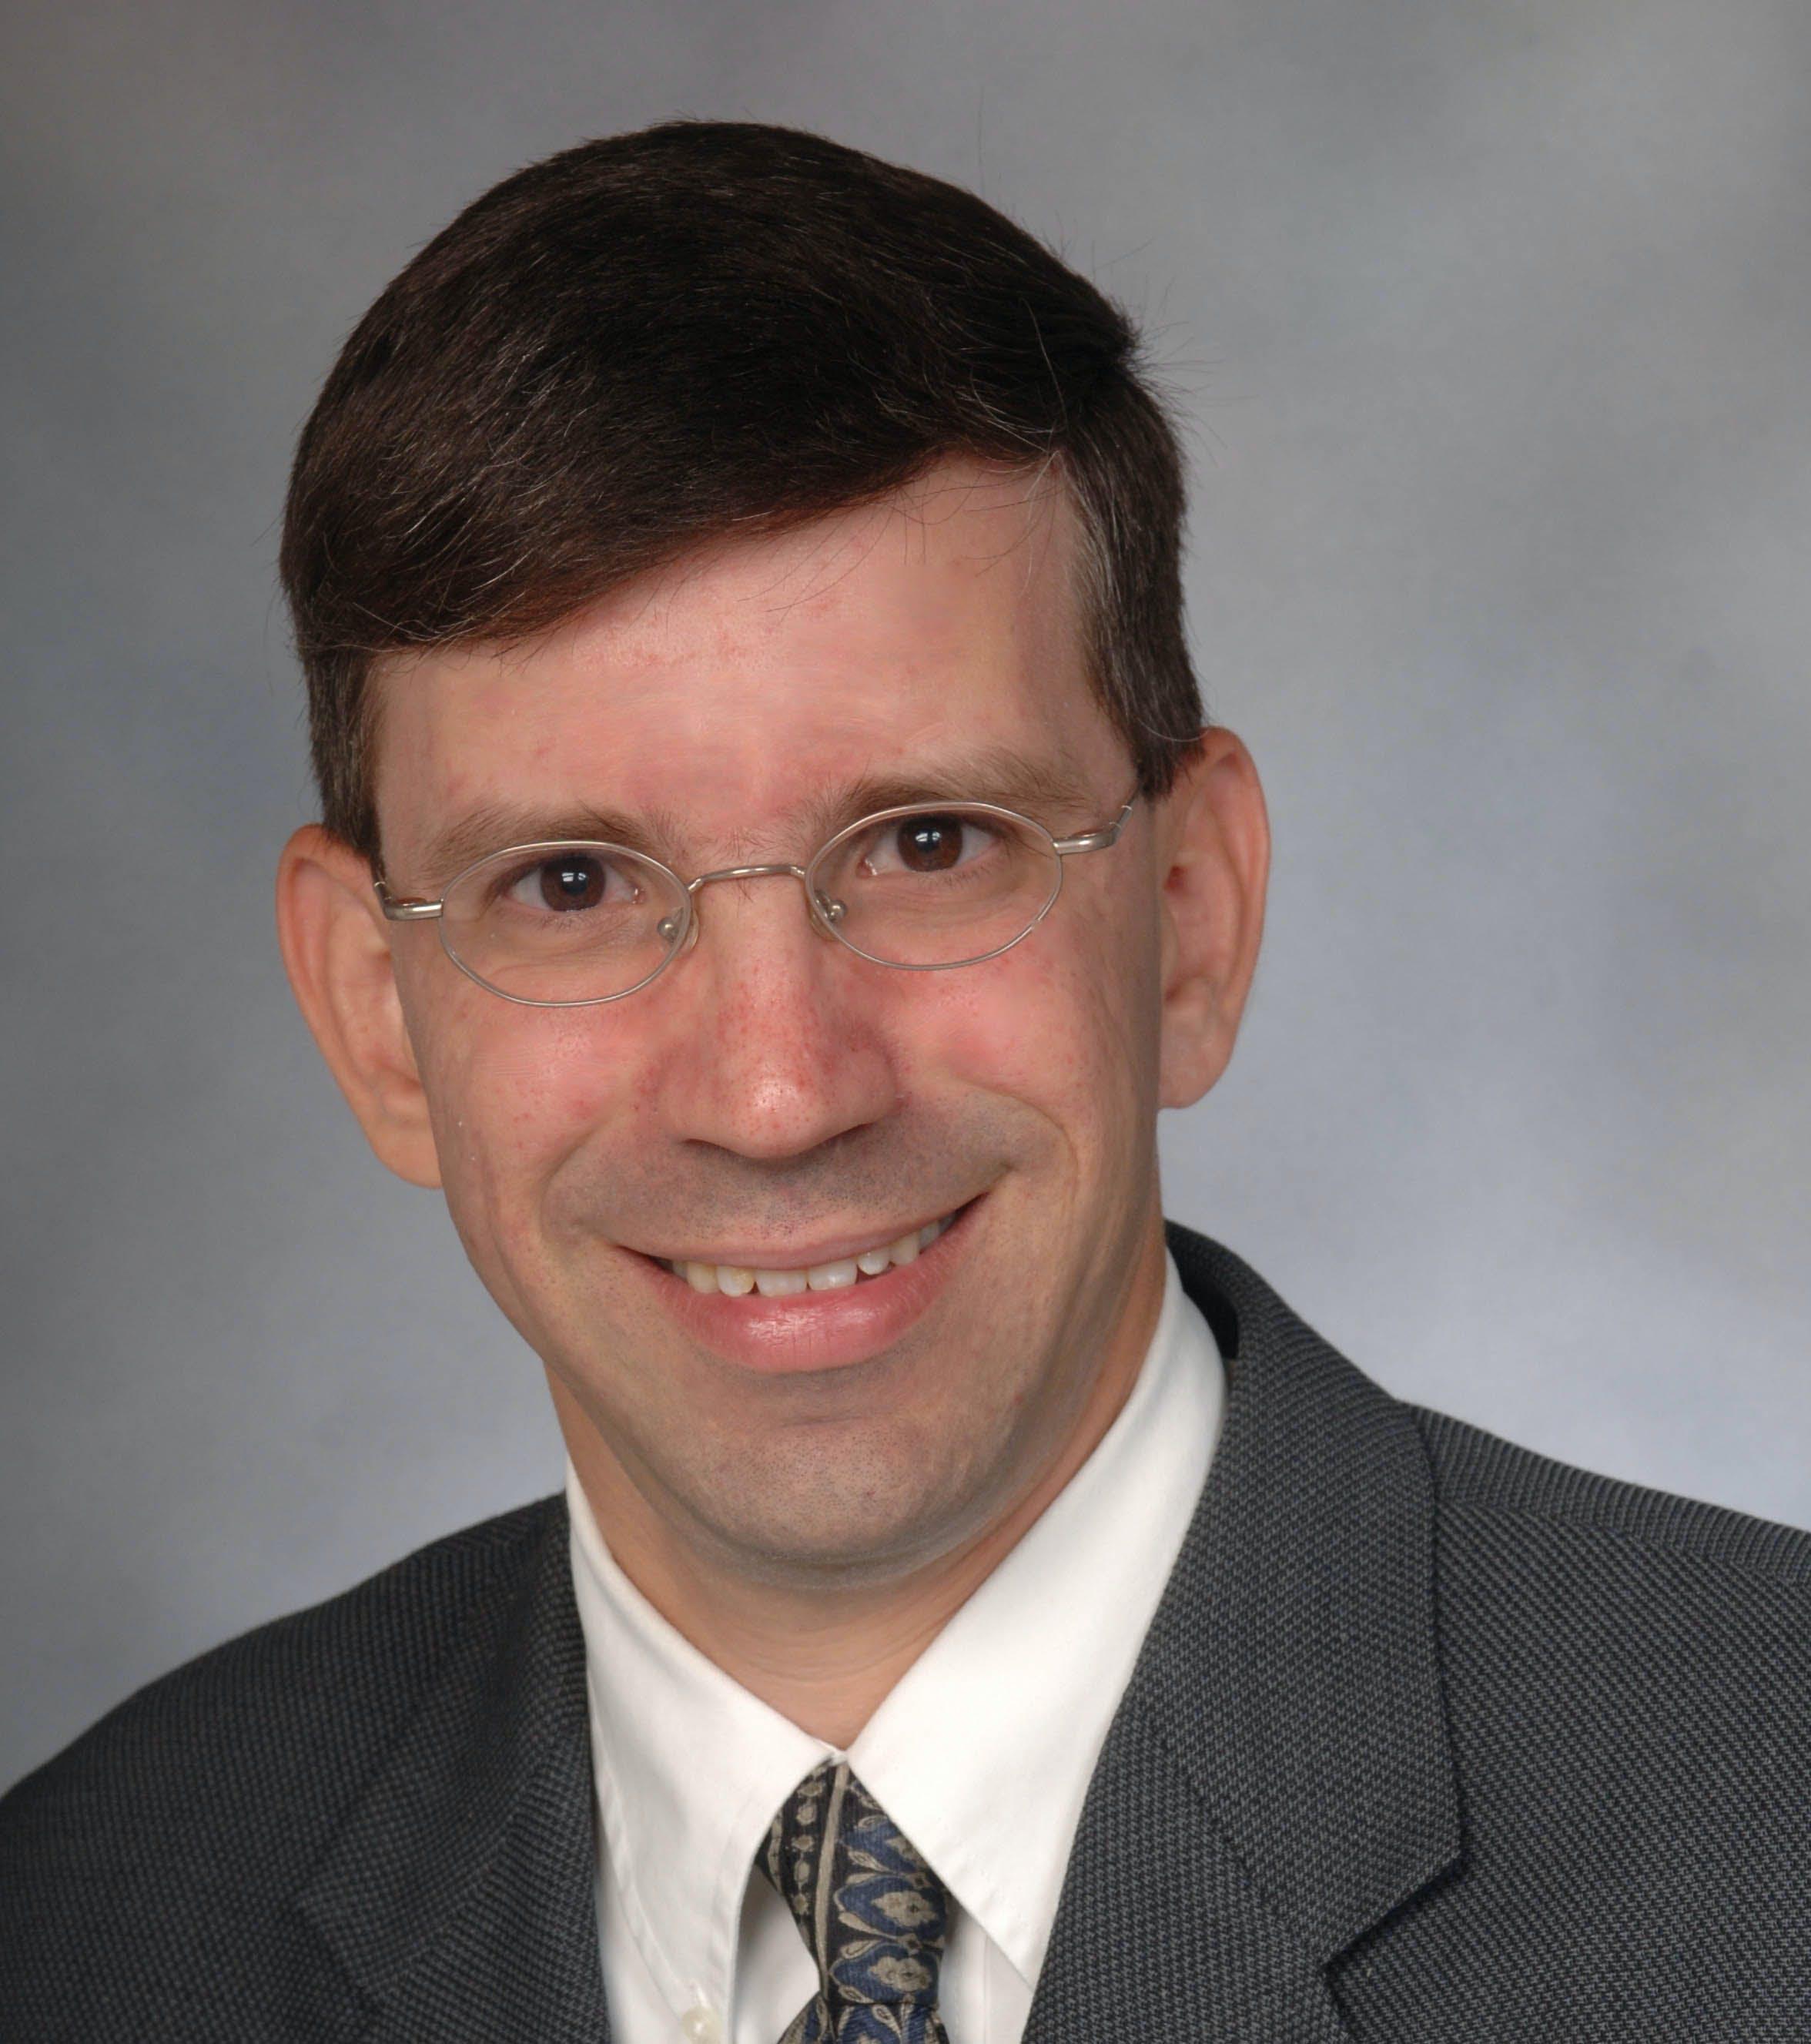 Scott Rixner